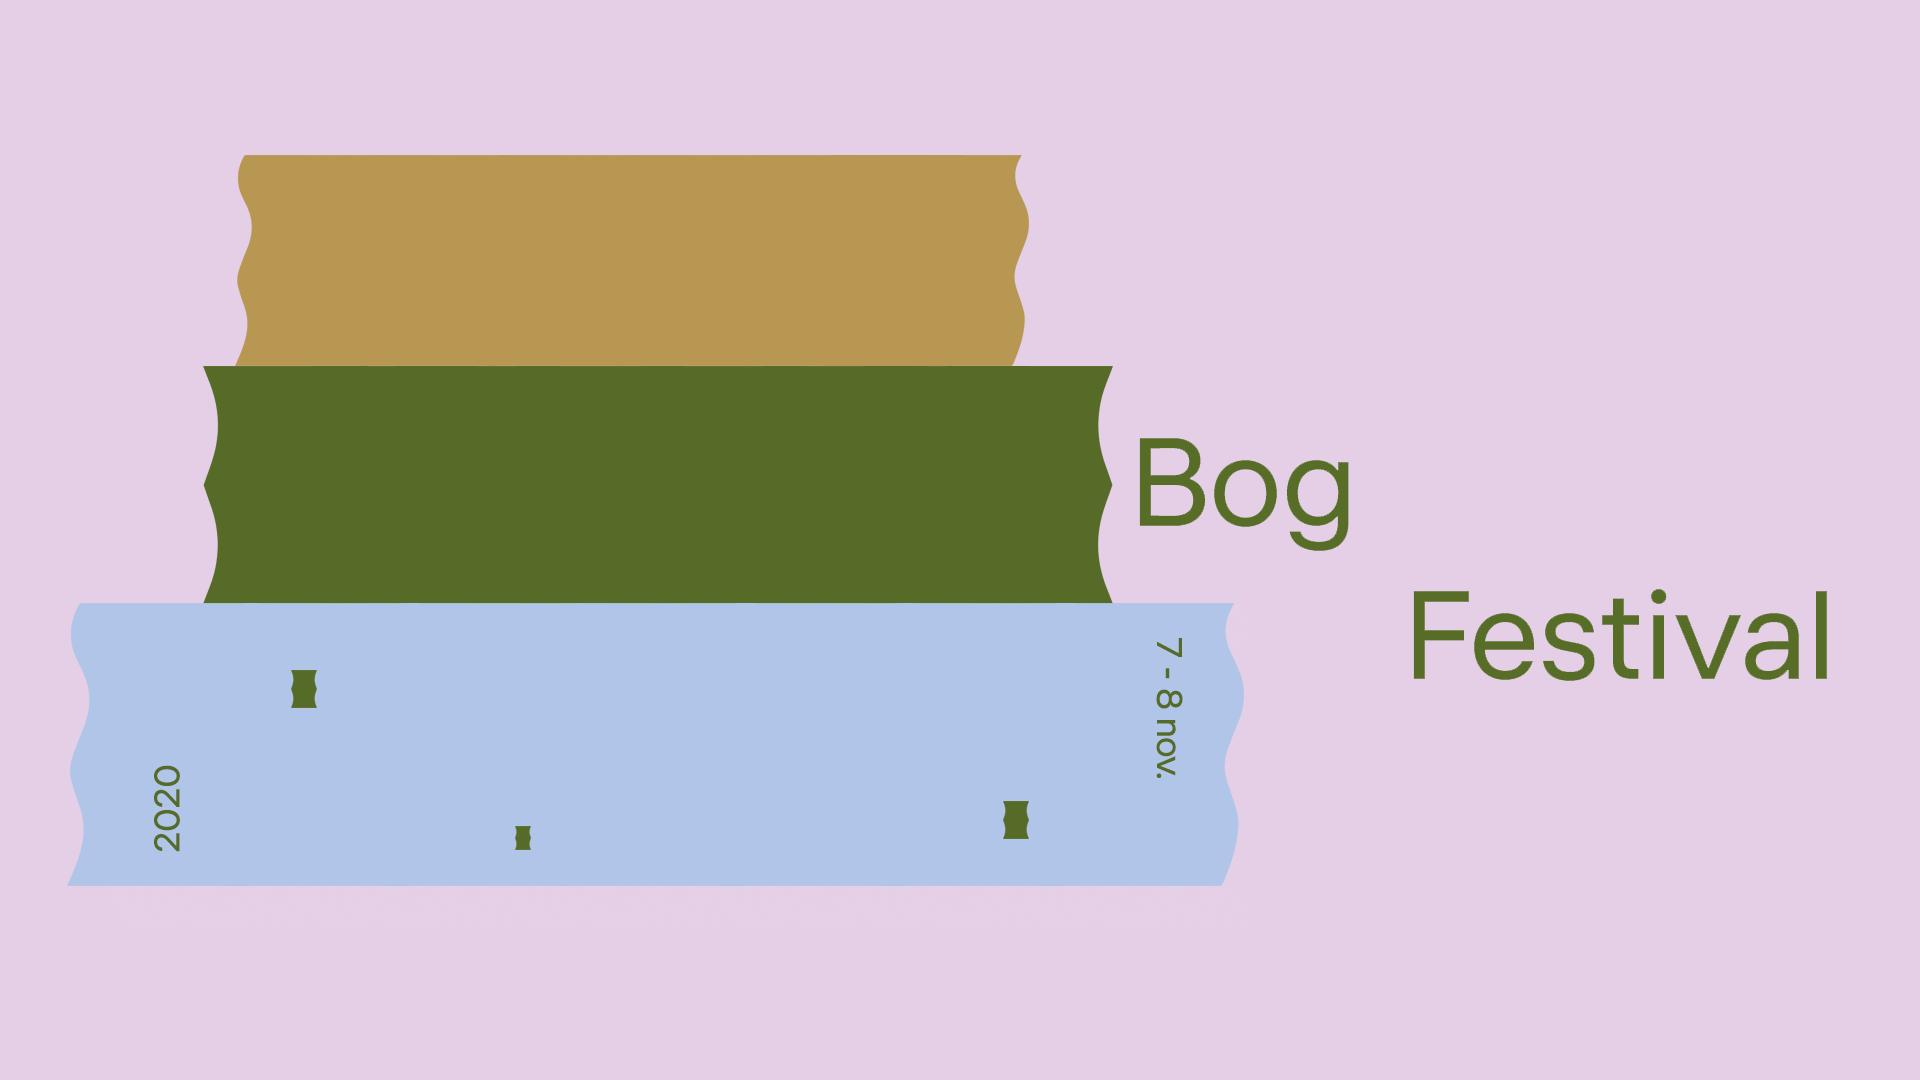 tema_bogfestival.png